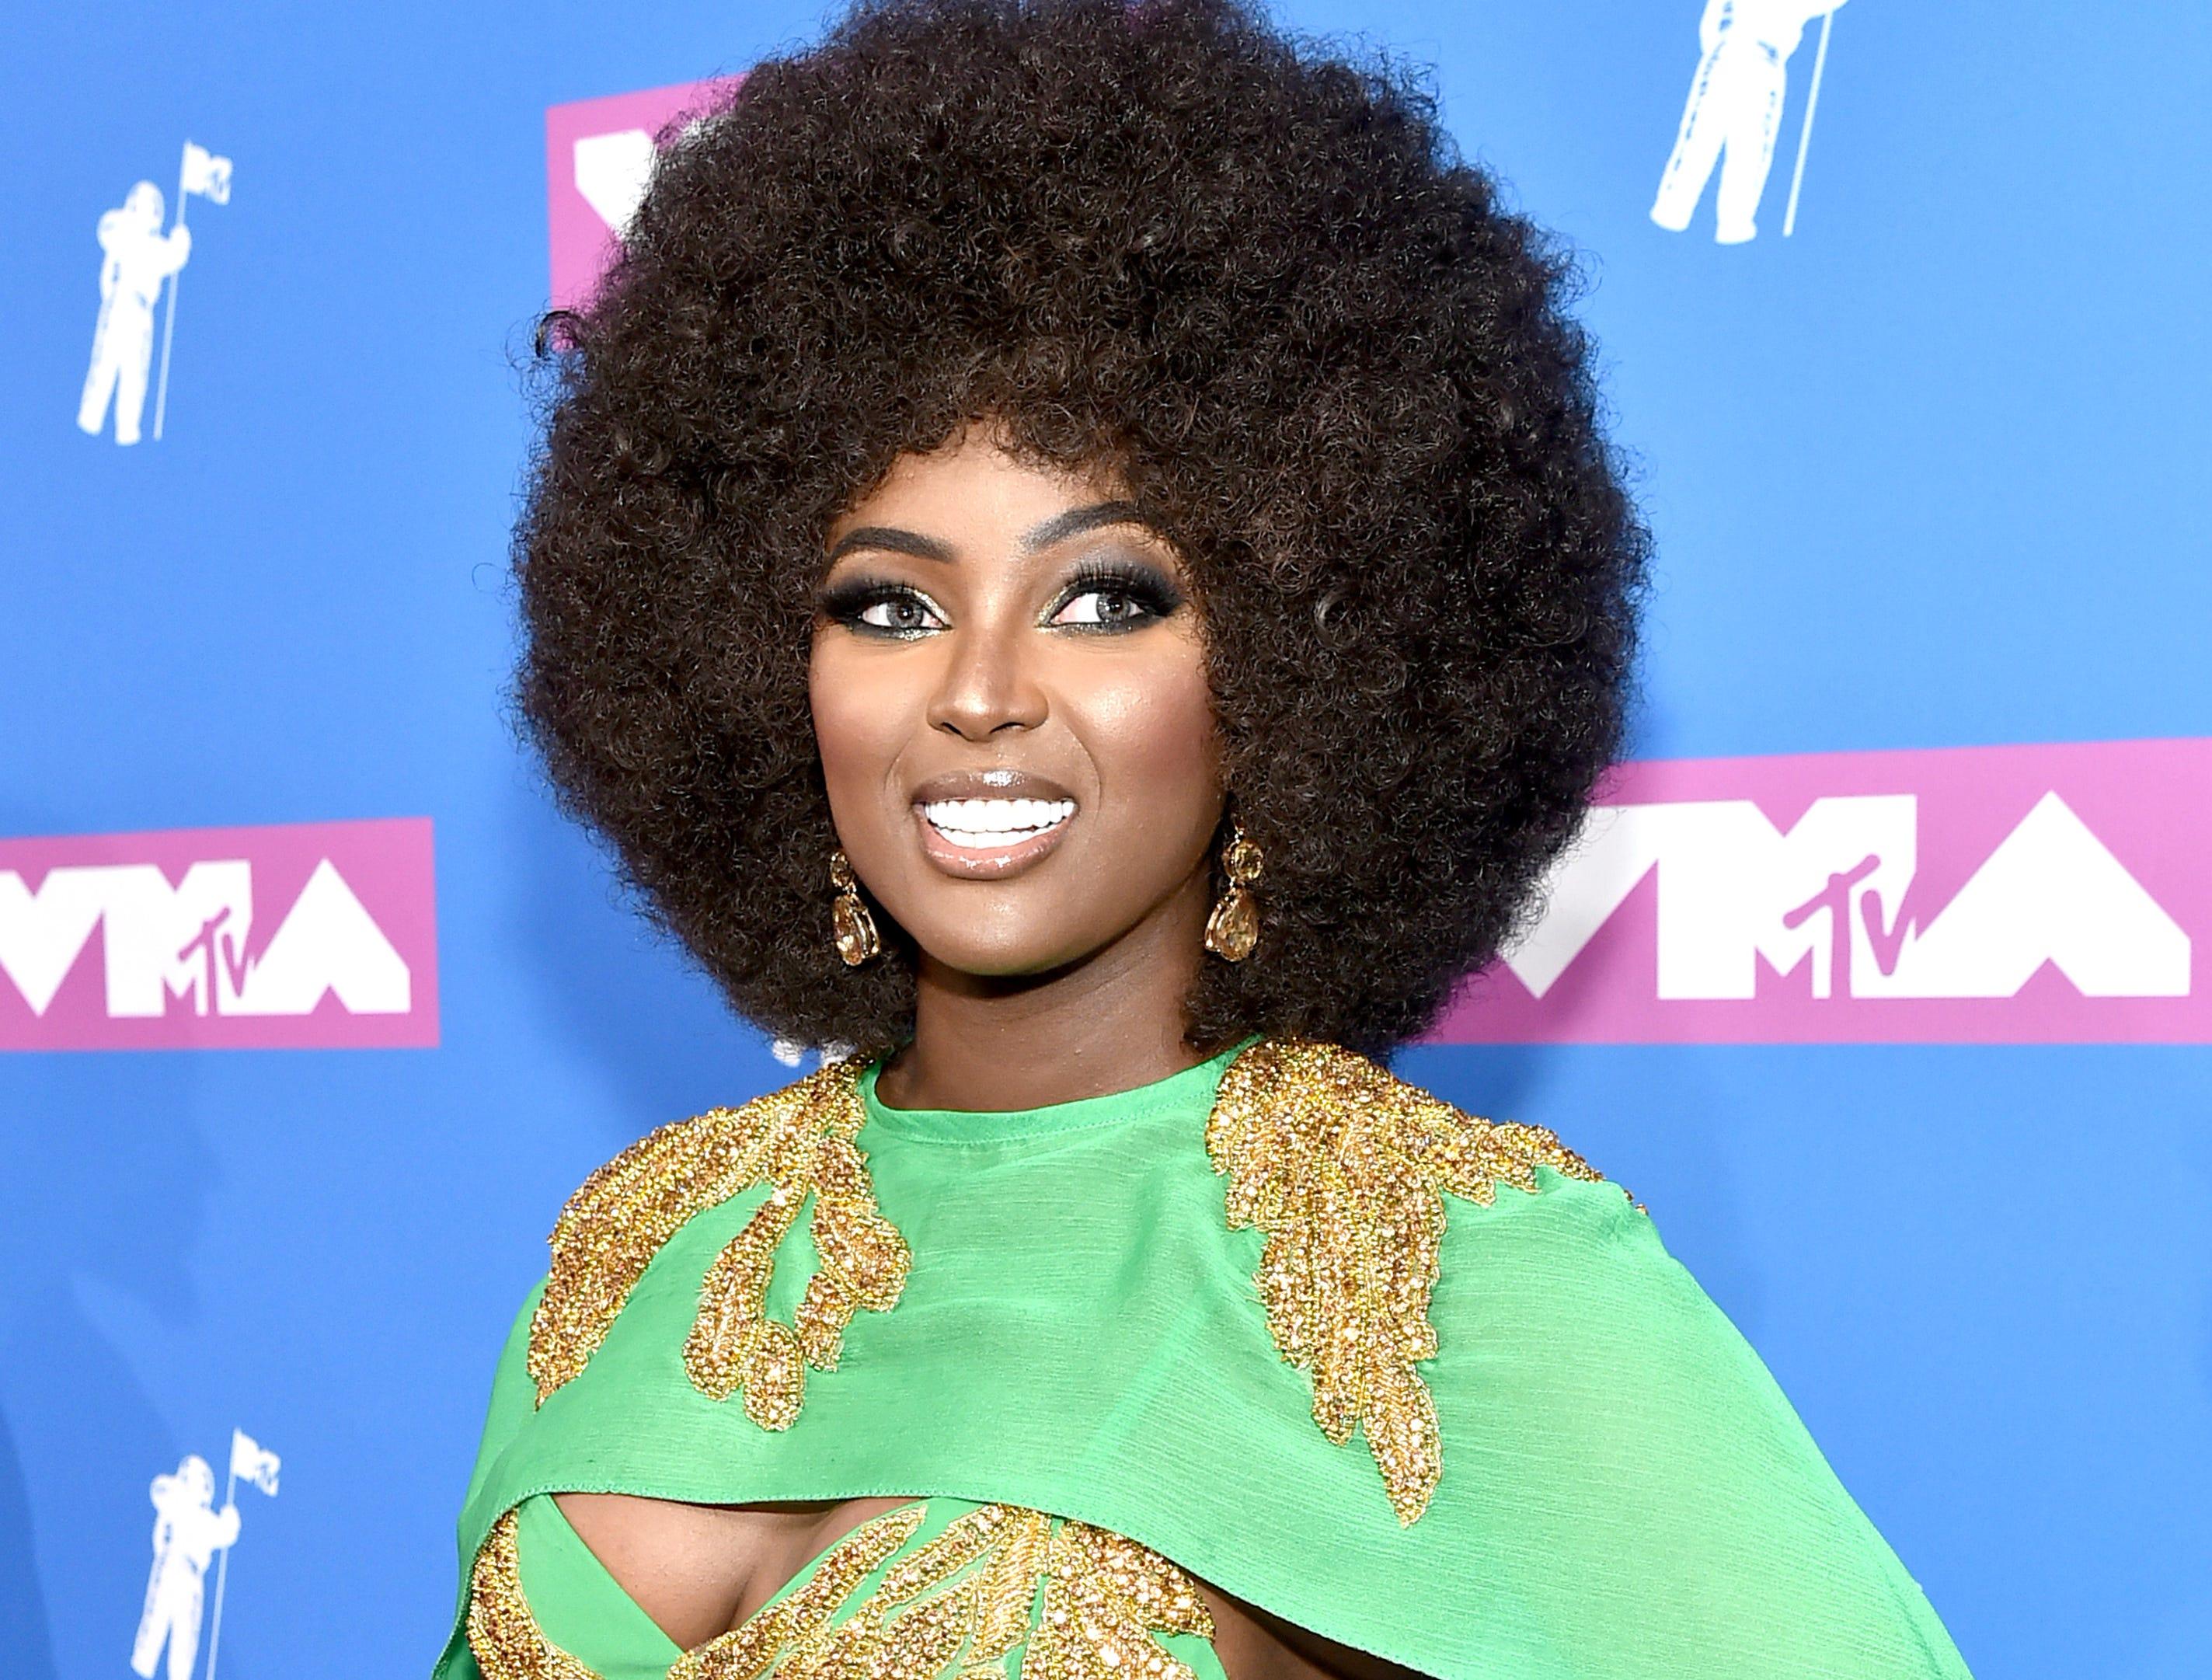 Amara La Negra asiste a los MTV Video Music Awards 2018 en el Radio City Music Hall el 20 de agosto de 2018 en la ciudad de Nueva York.